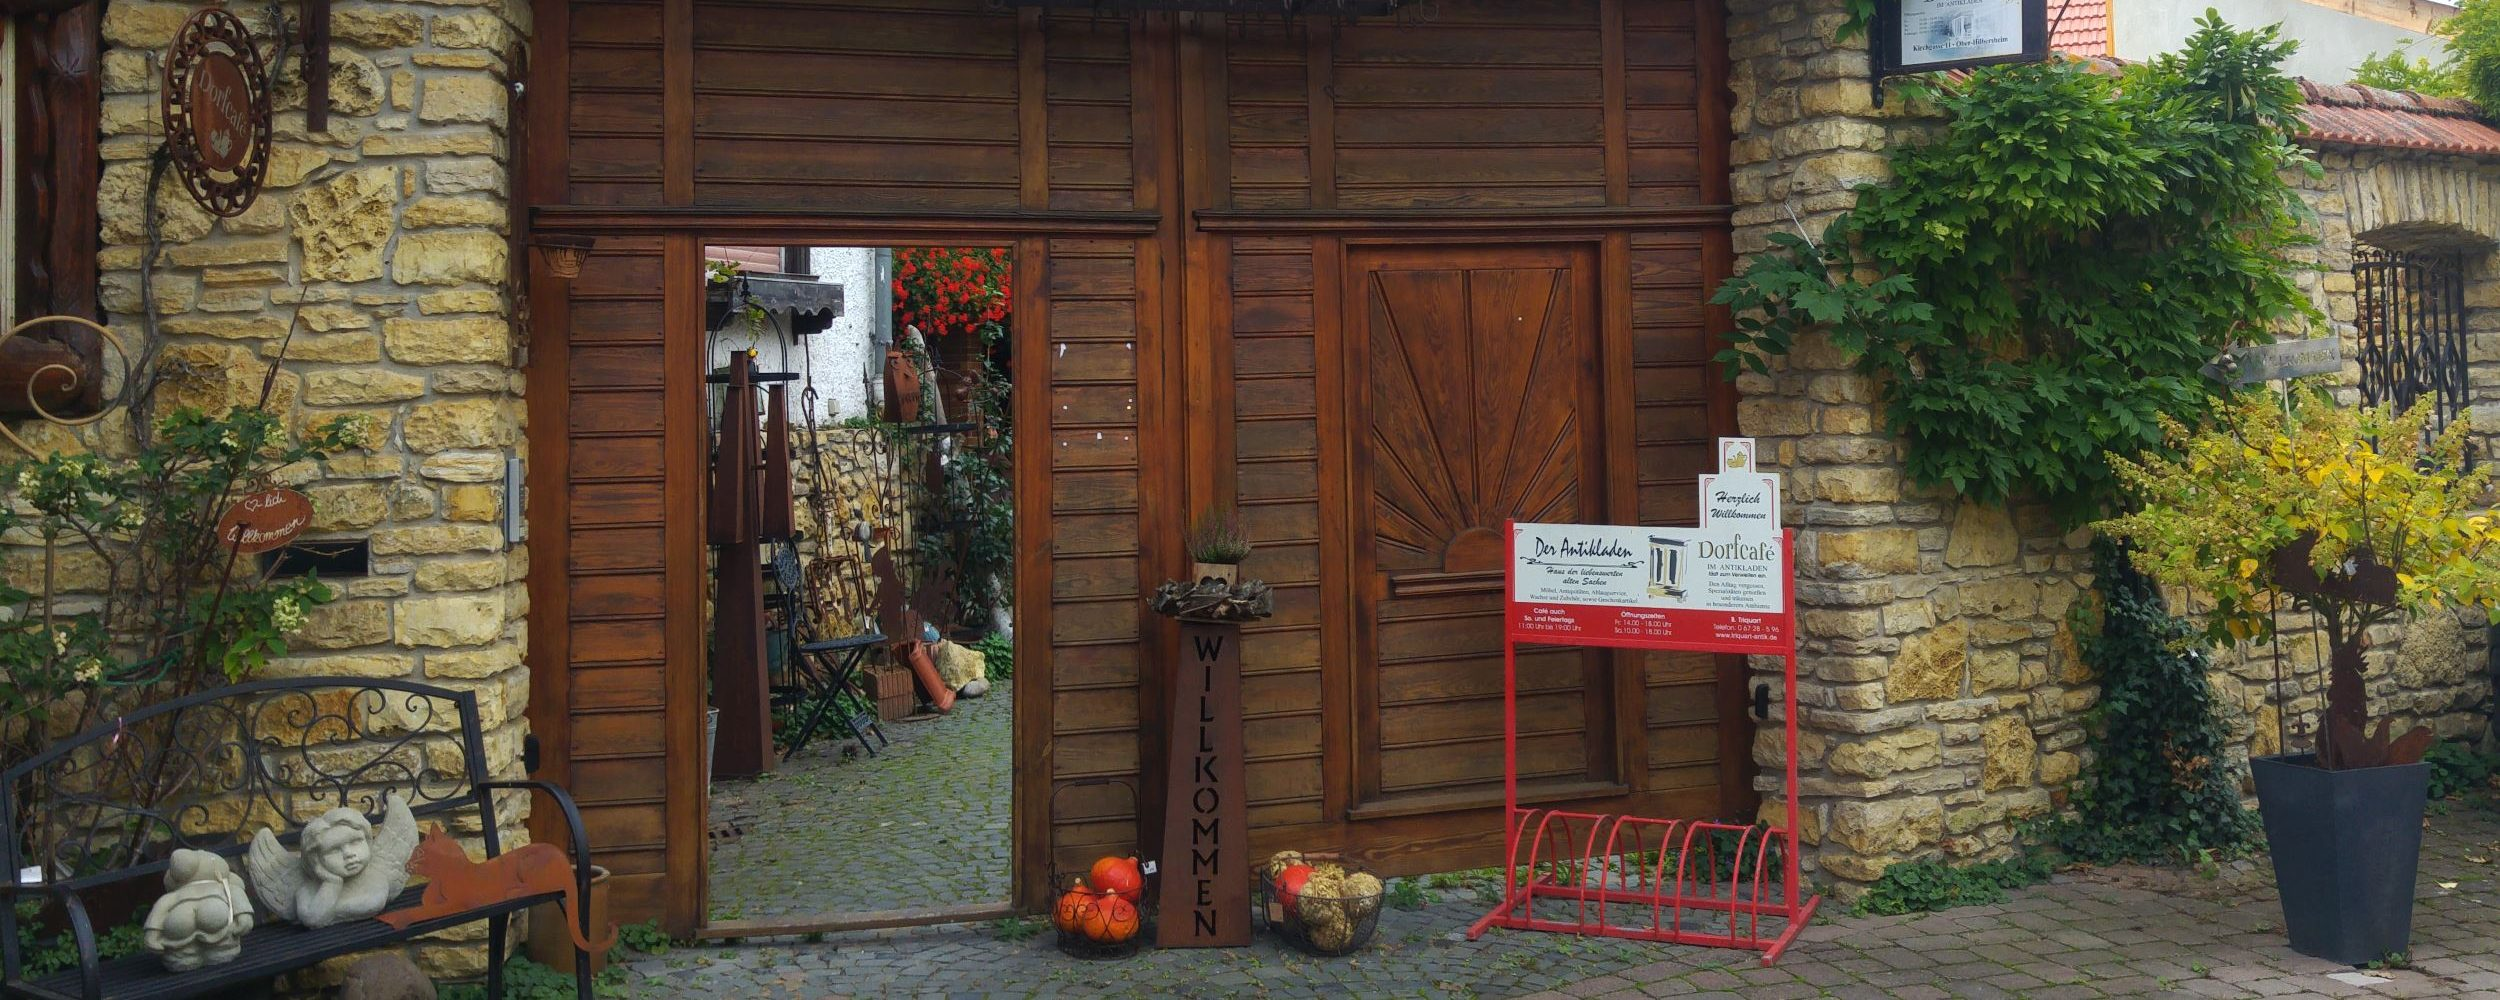 Triquart-Antik Eingangstor